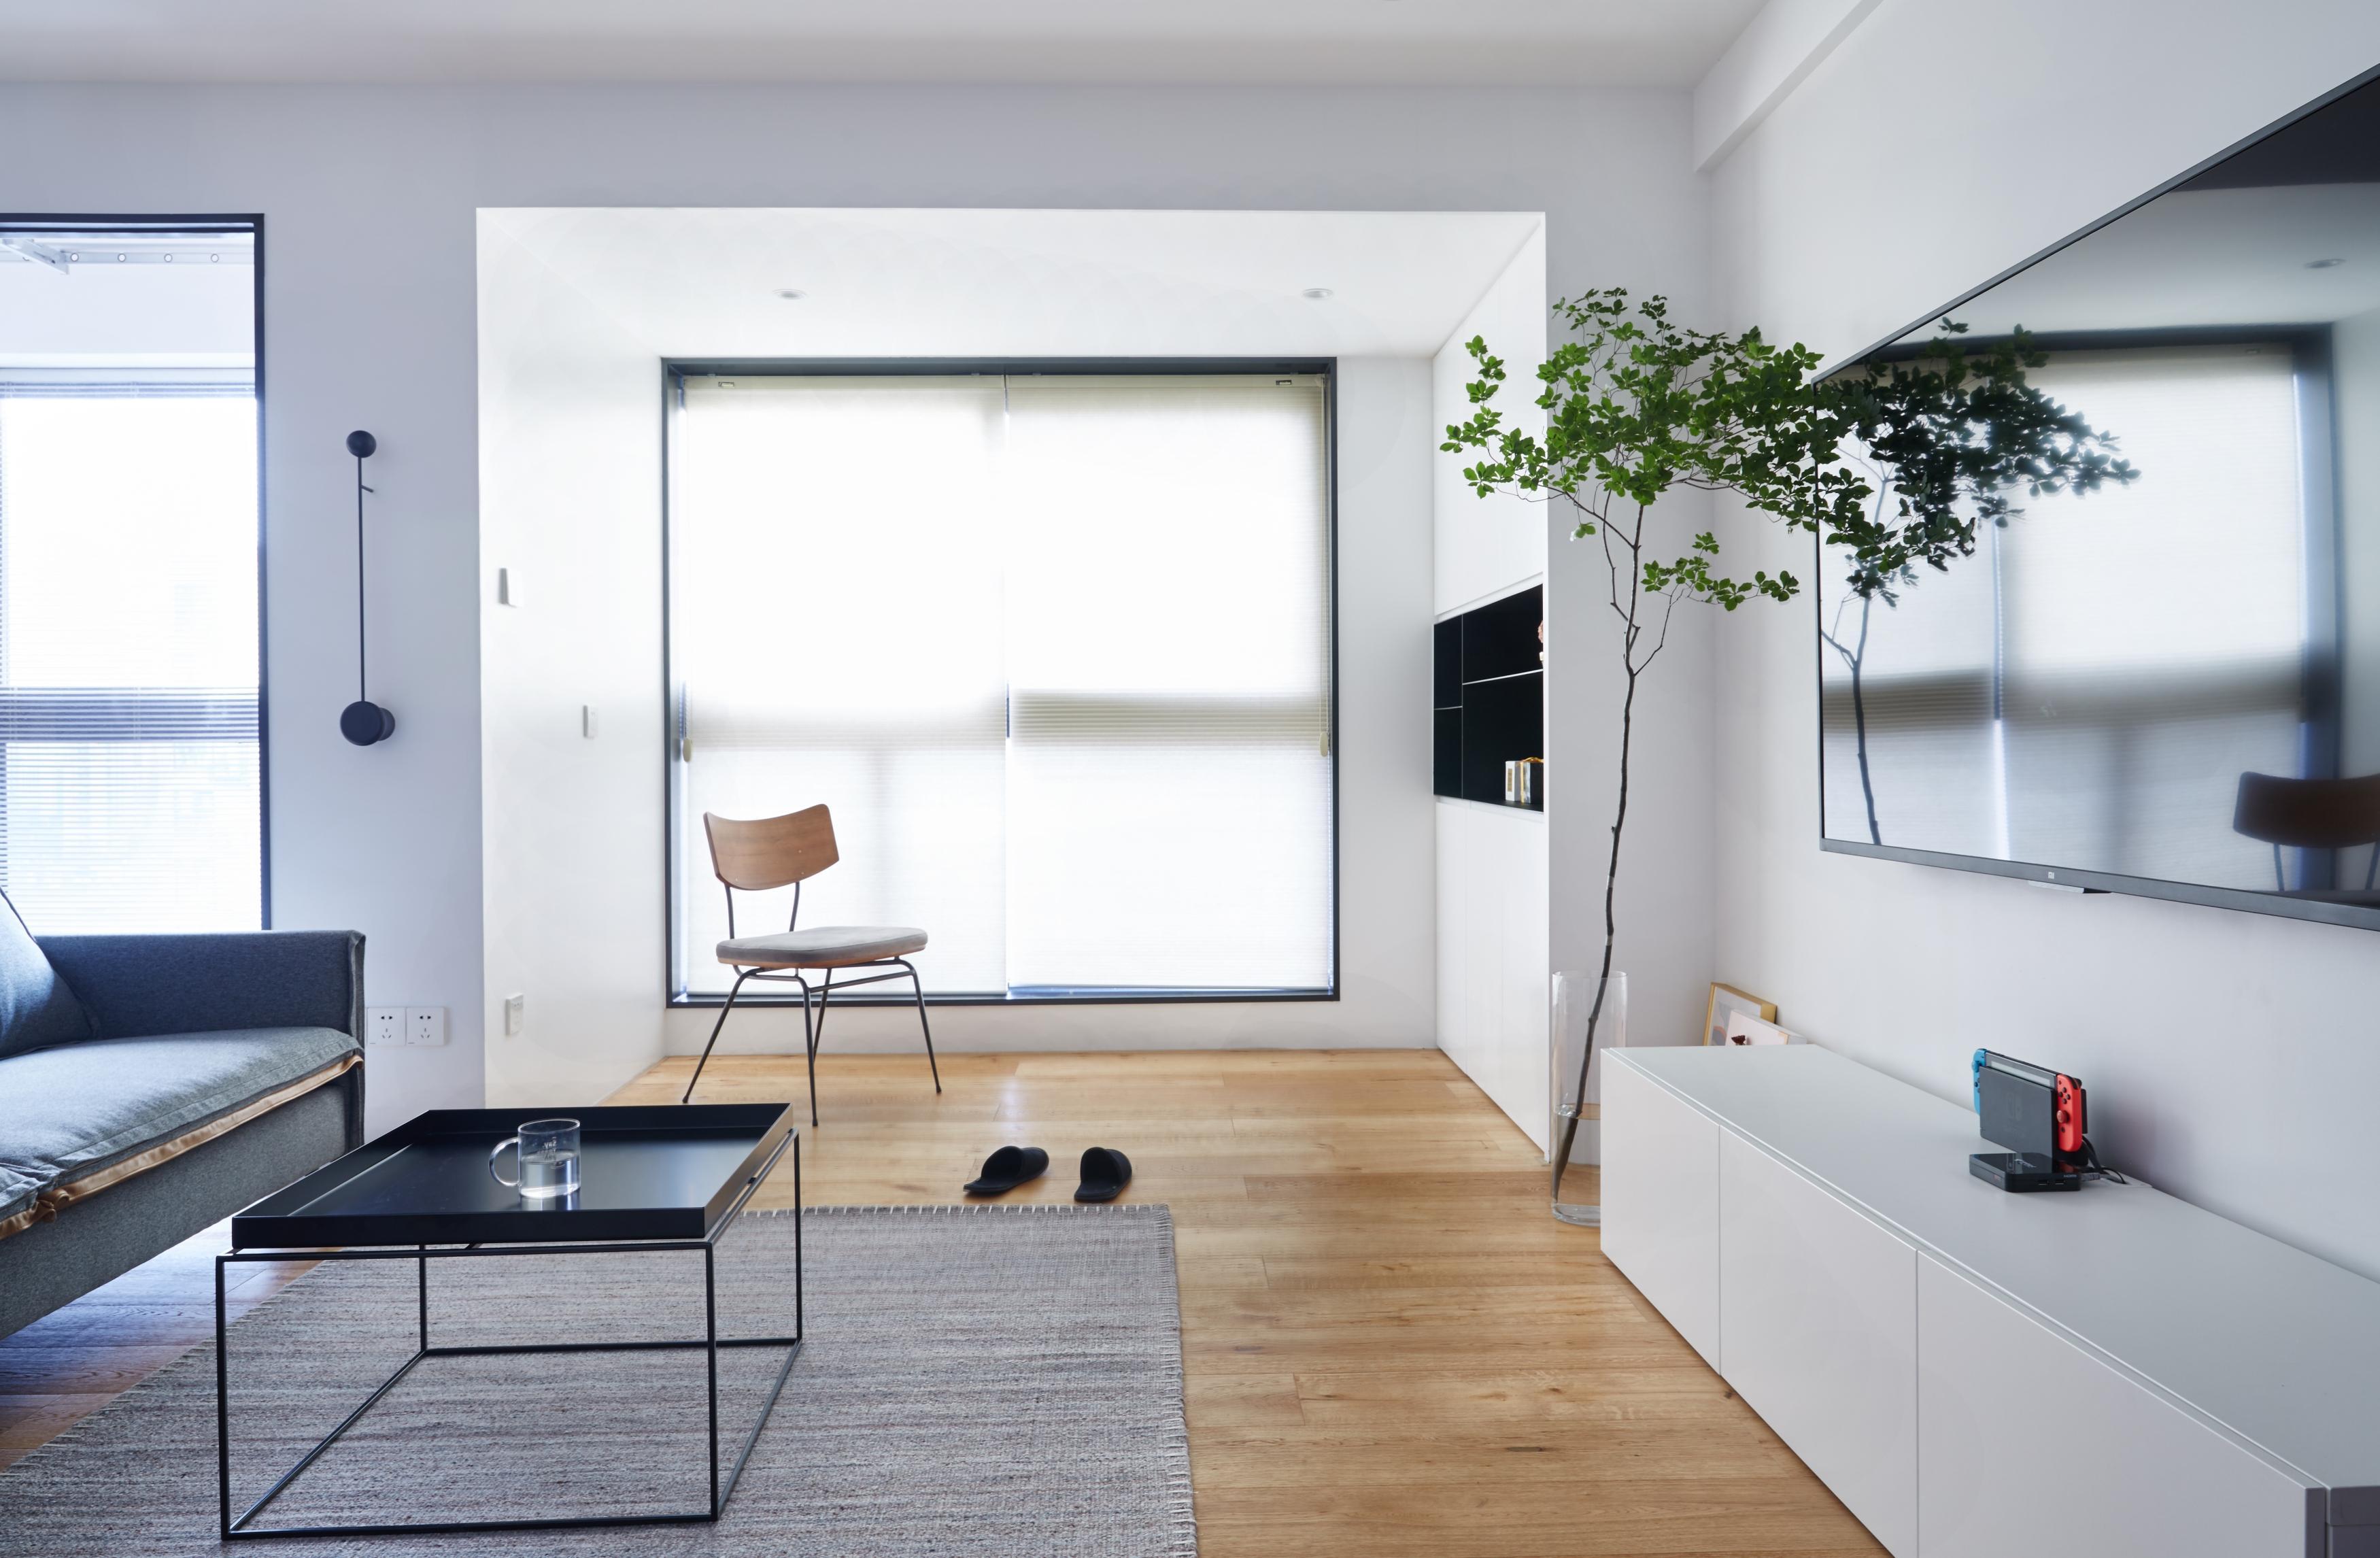 110㎡城市新中产的家,吧台、榻榻米、极致收纳...自带清爽氧气感!